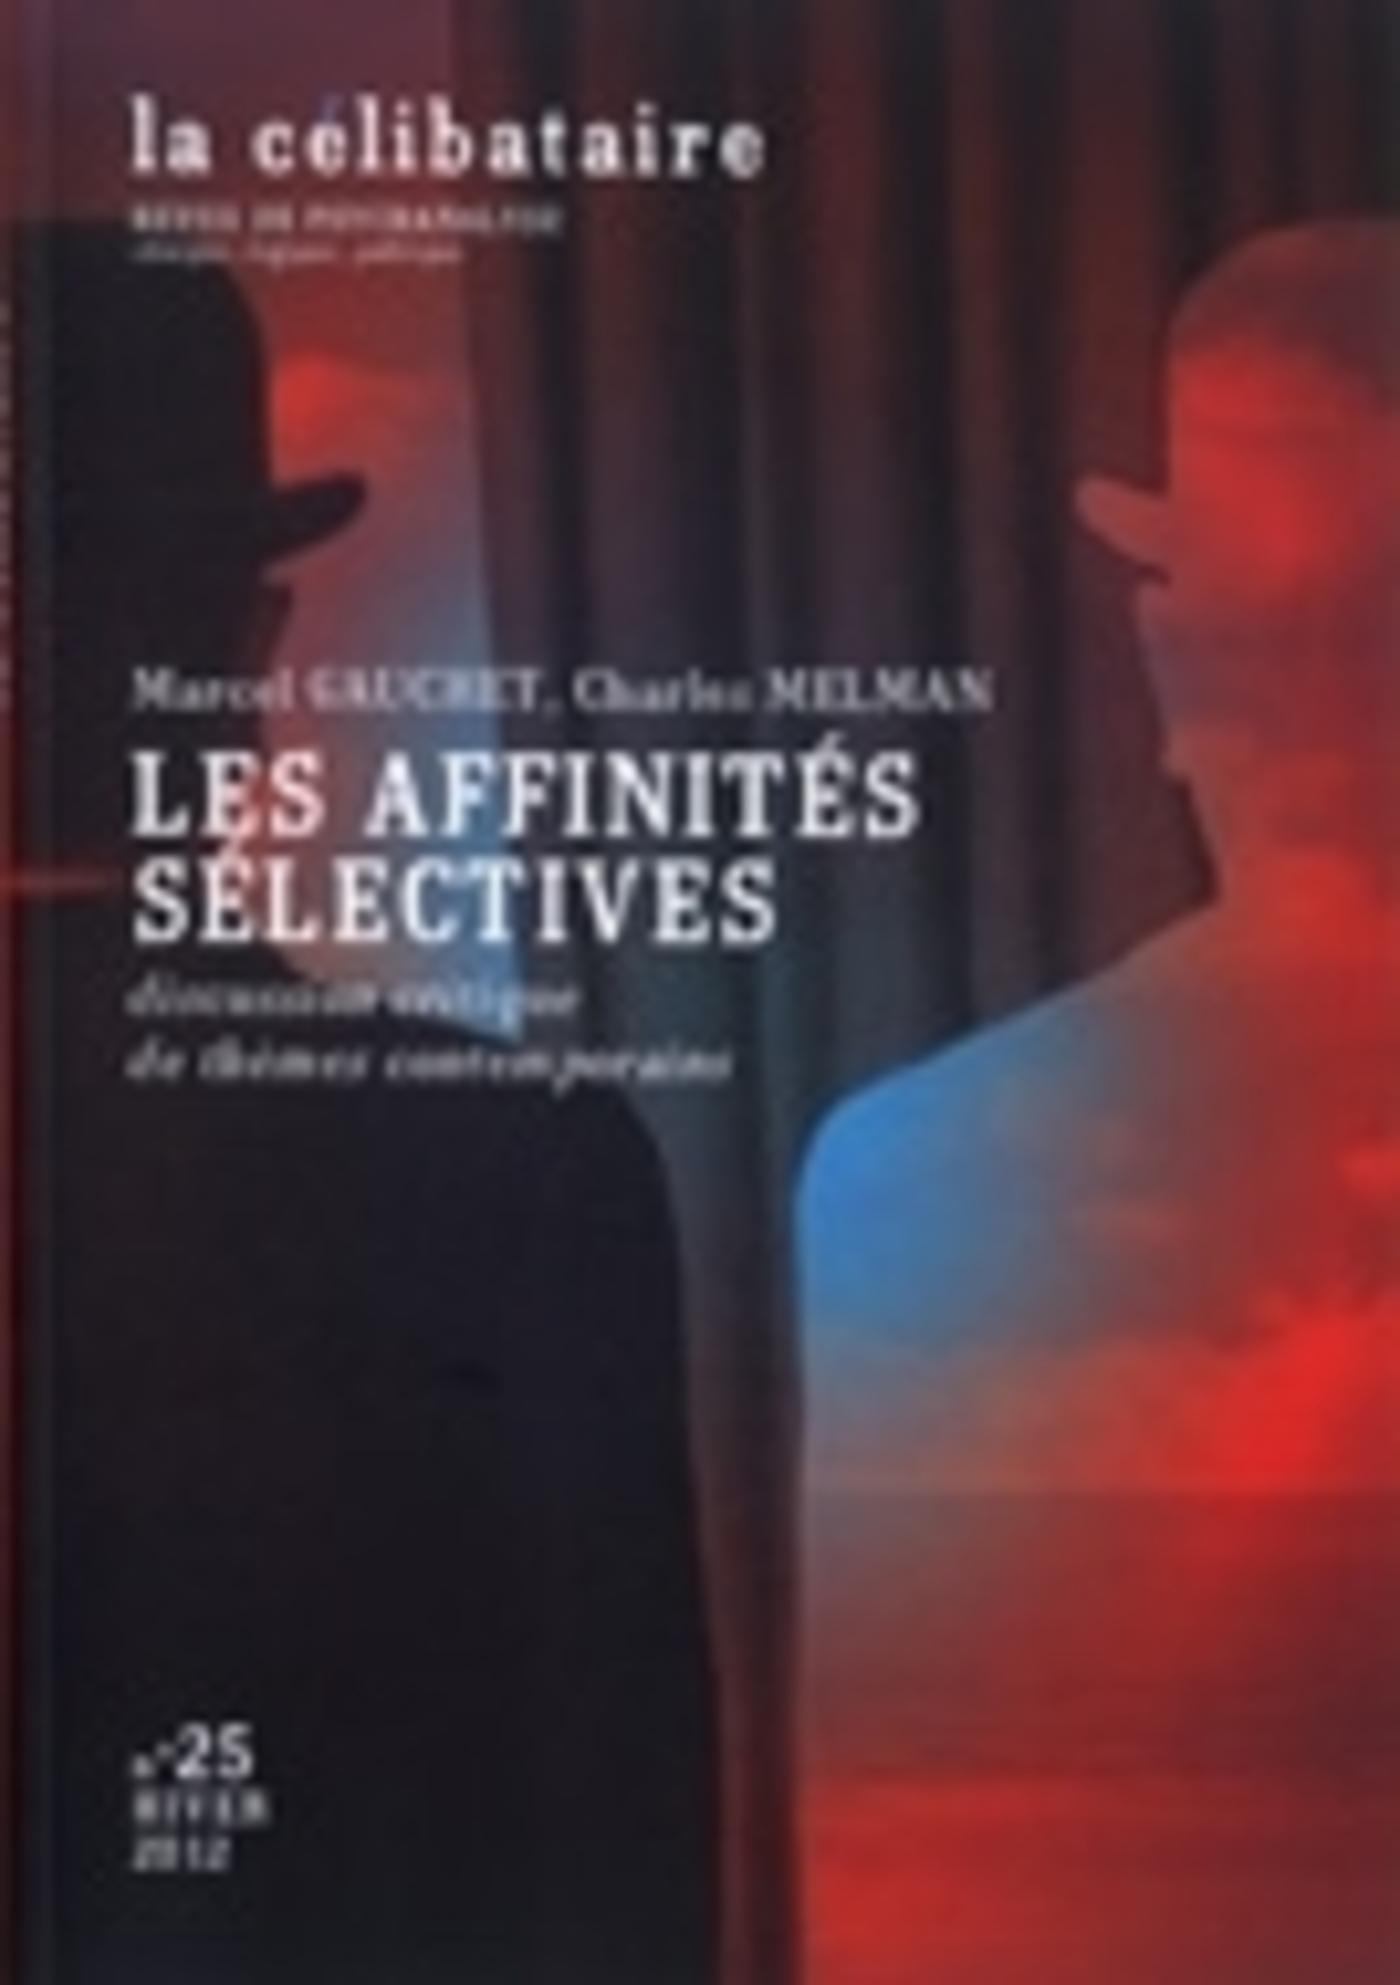 AFFINITES SELECTIVES (LES) N25